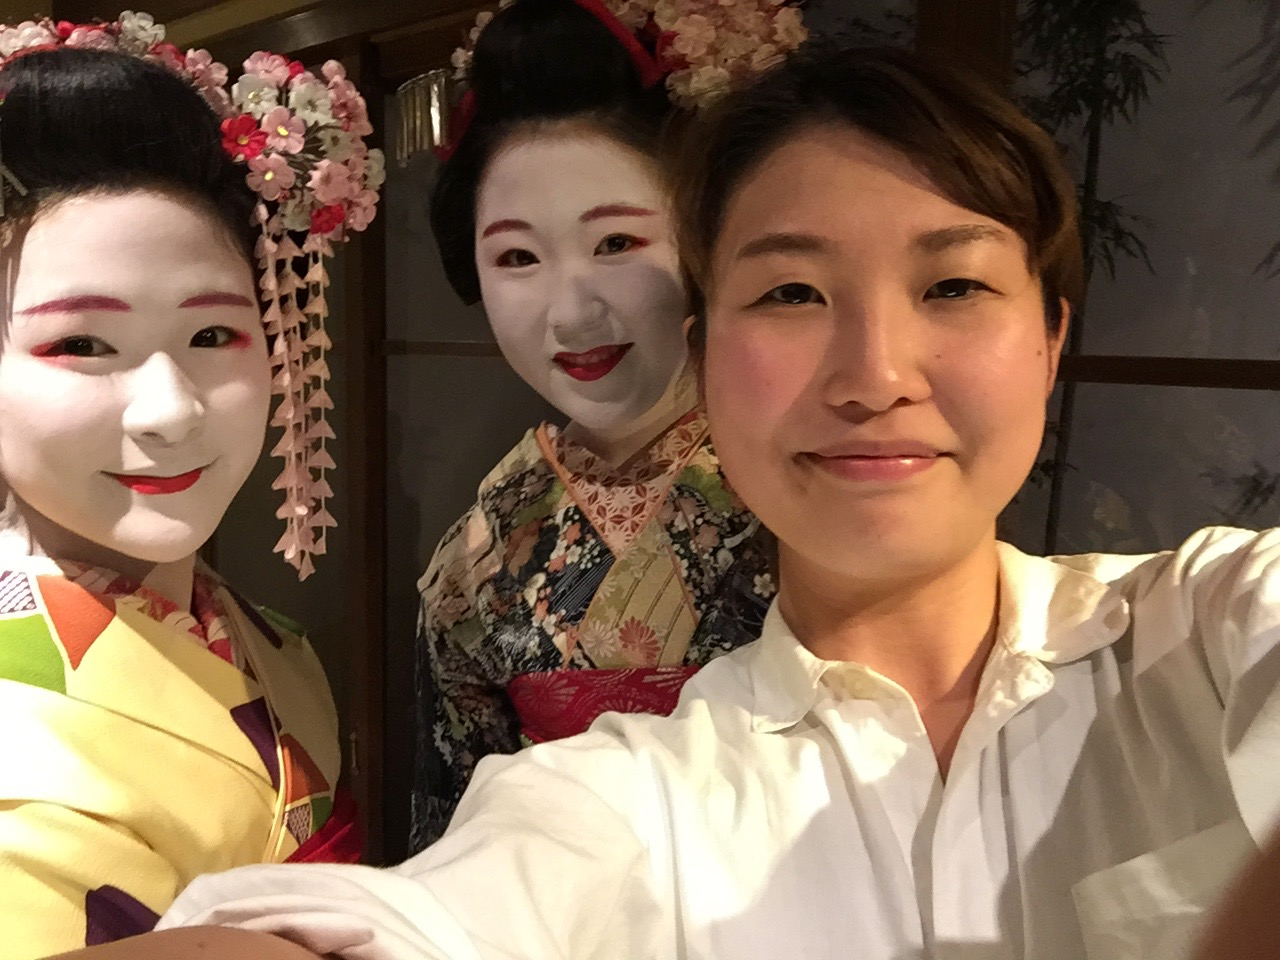 deeperjapan_kyoto_geisha_customer_03.jpeg